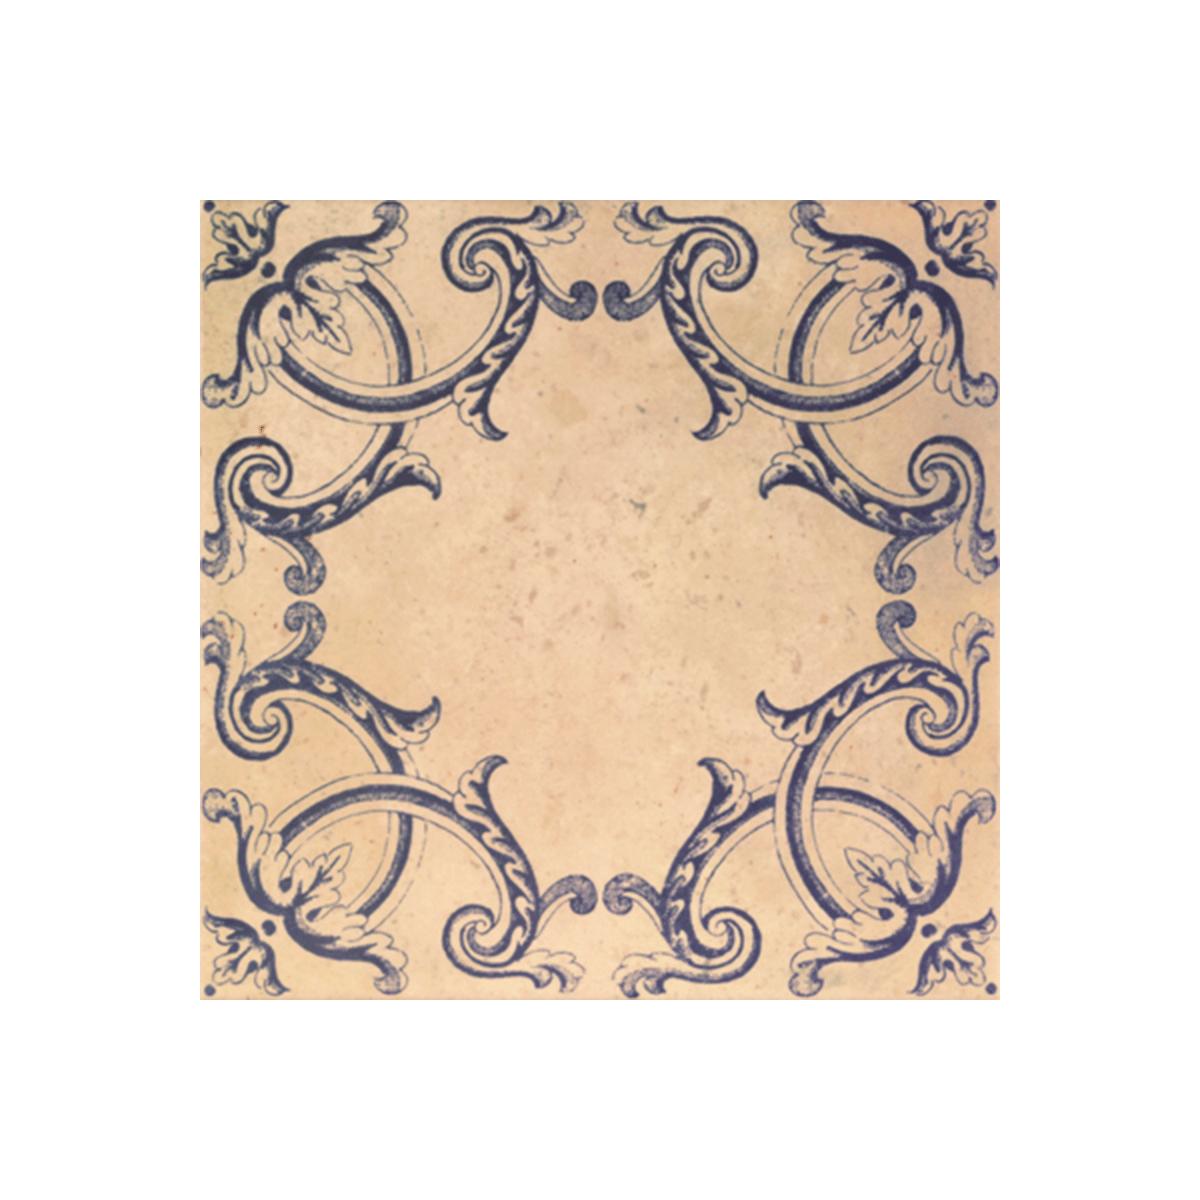 Decor Barro 1 (m2) Pavimento piezas rústicas al mejor precio